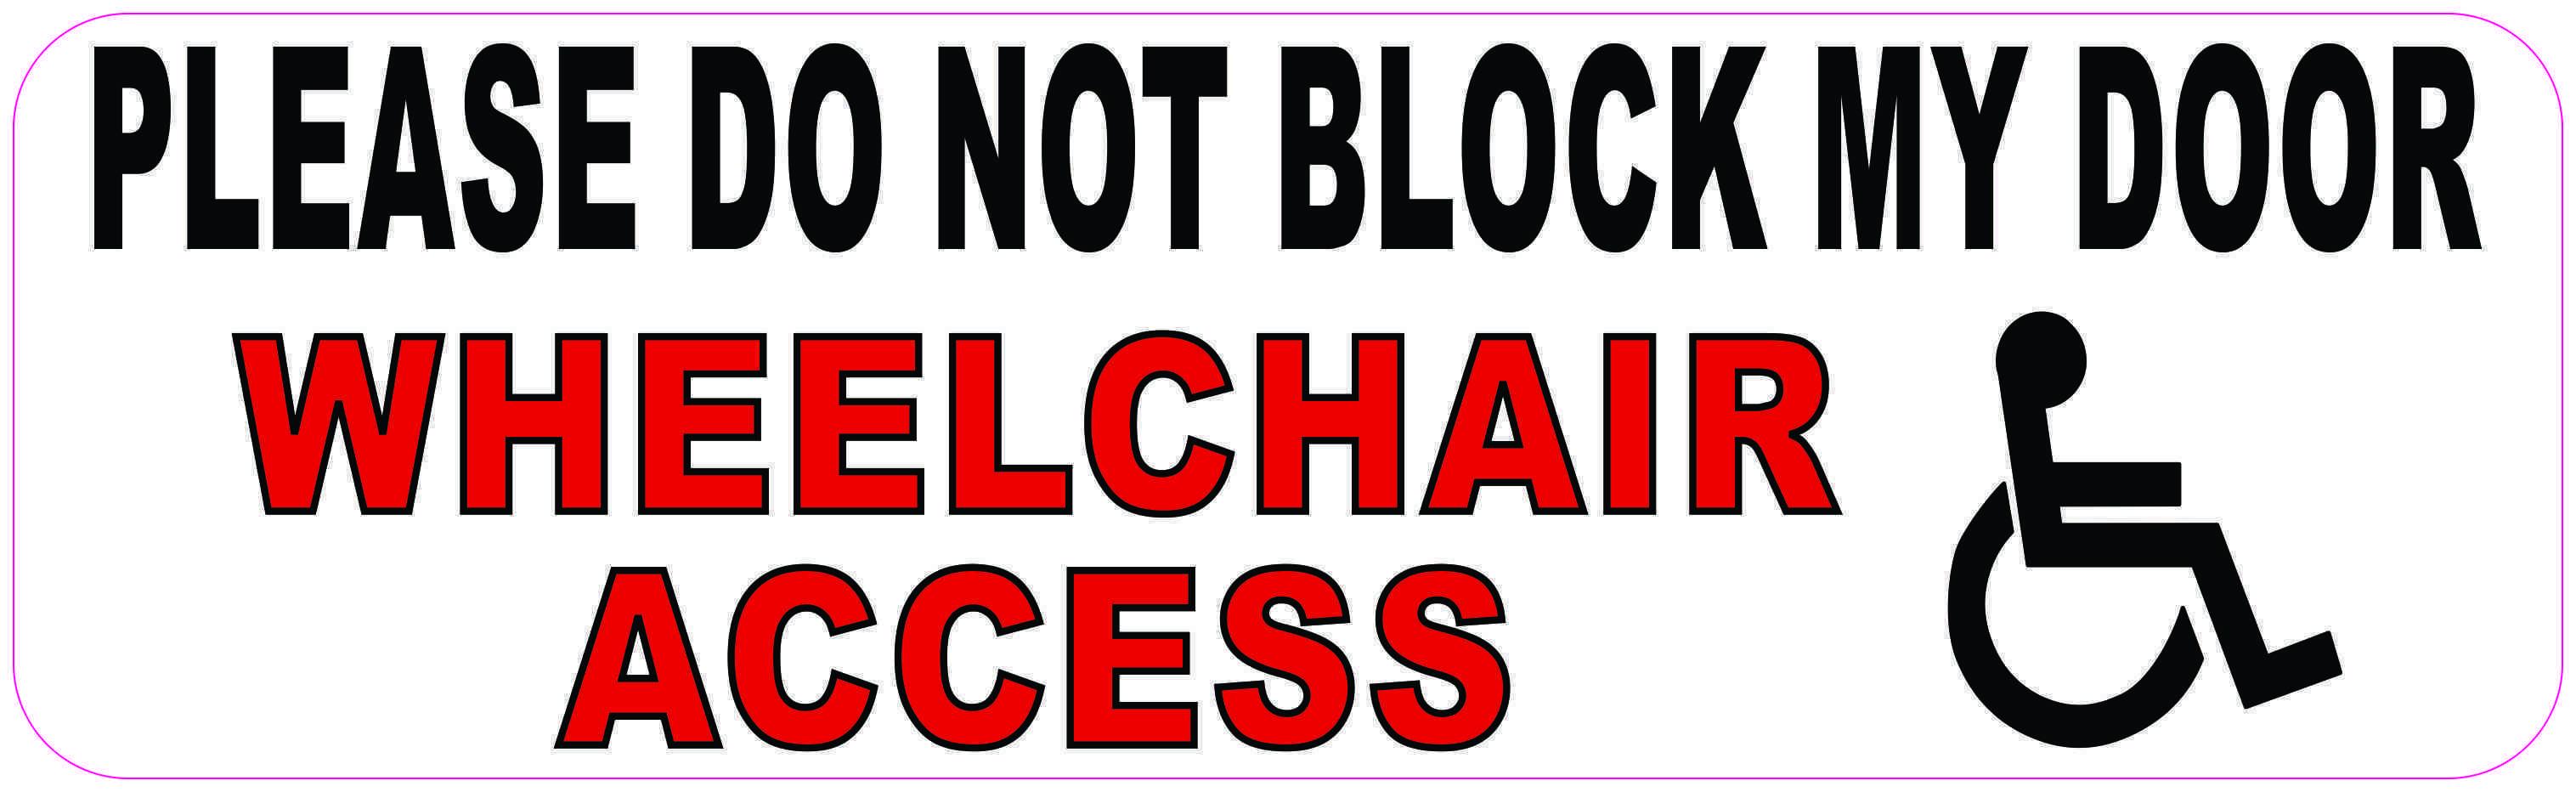 10in X 3in Do Not Block Wheelchair Access Vinyl Sticker Vinyl Sticker Wheelchair Accessible Wheelchair